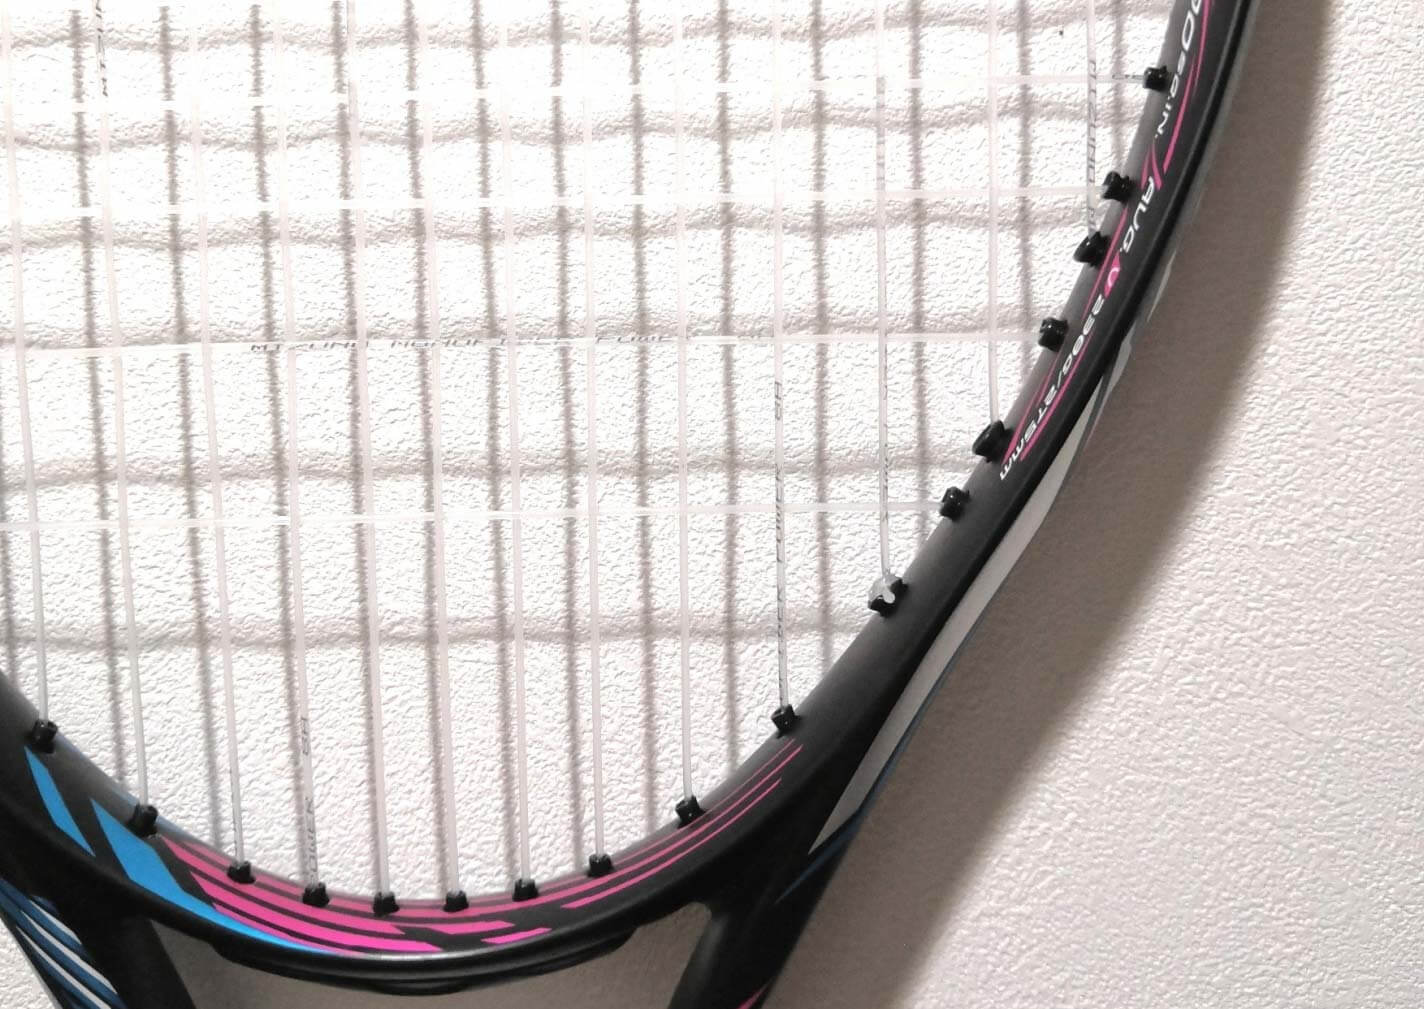 勝つためのソフトテニス部の指導法【実践したこと】